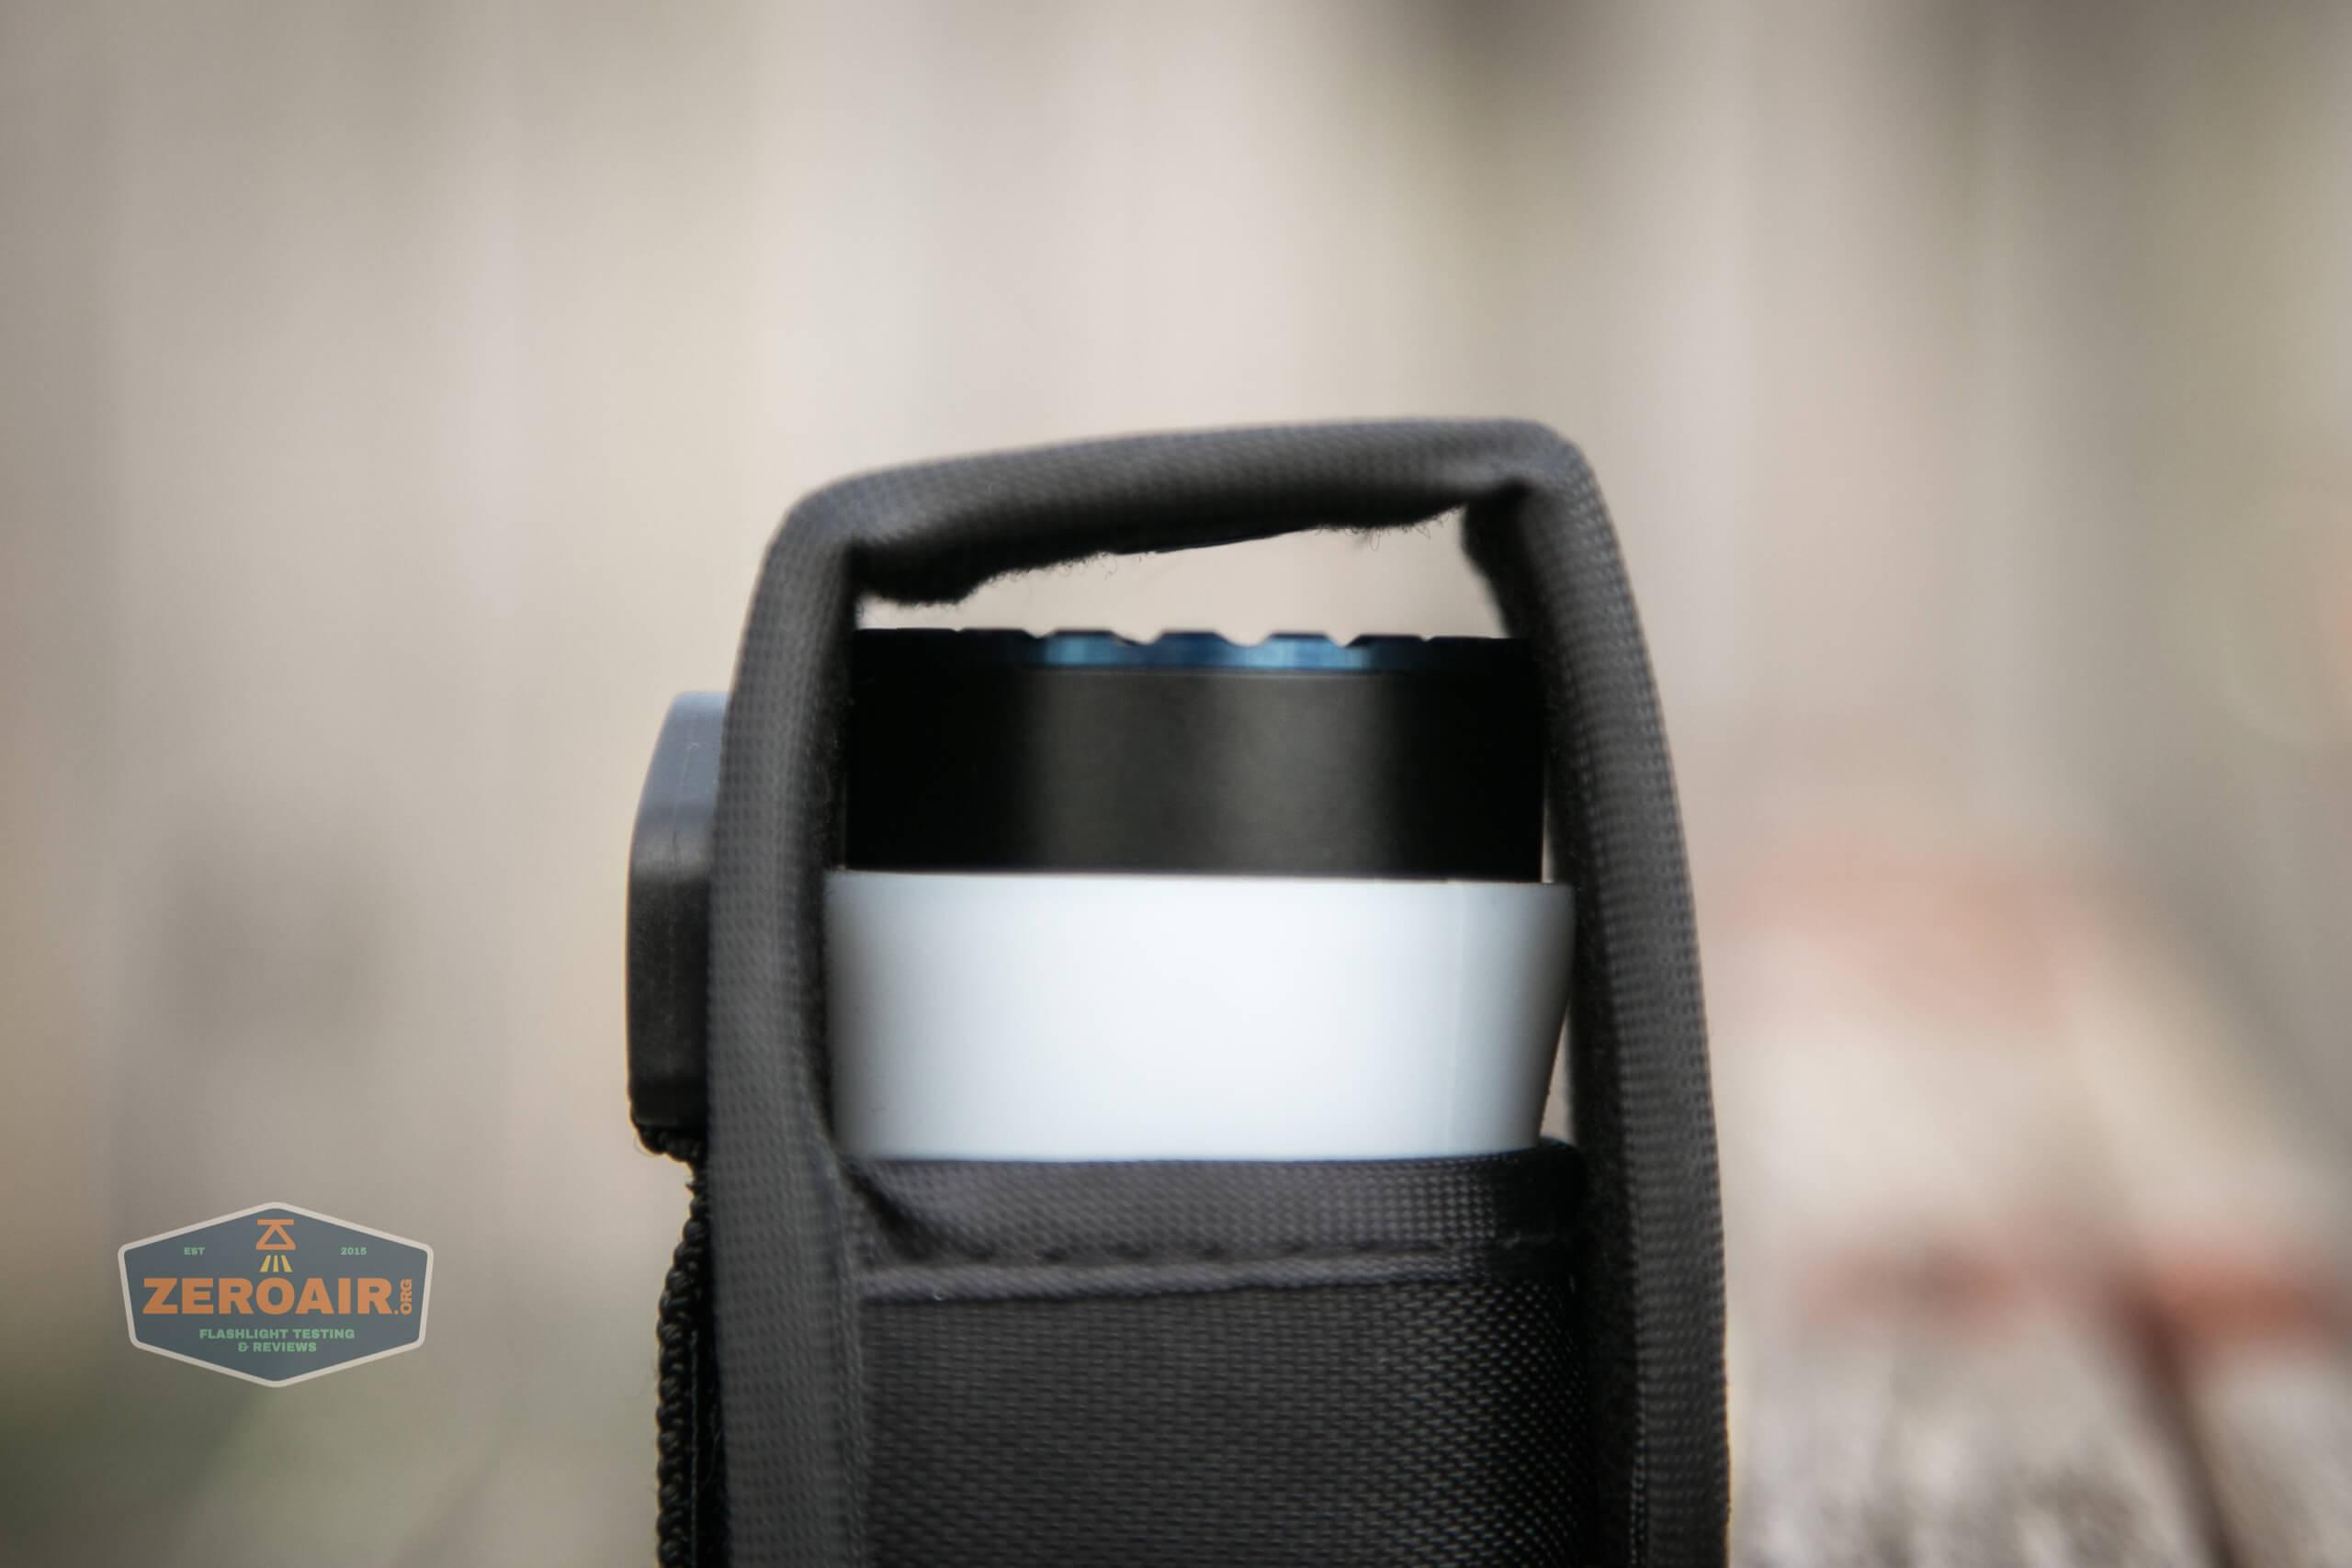 olight freyr rgb flashlight in pouch